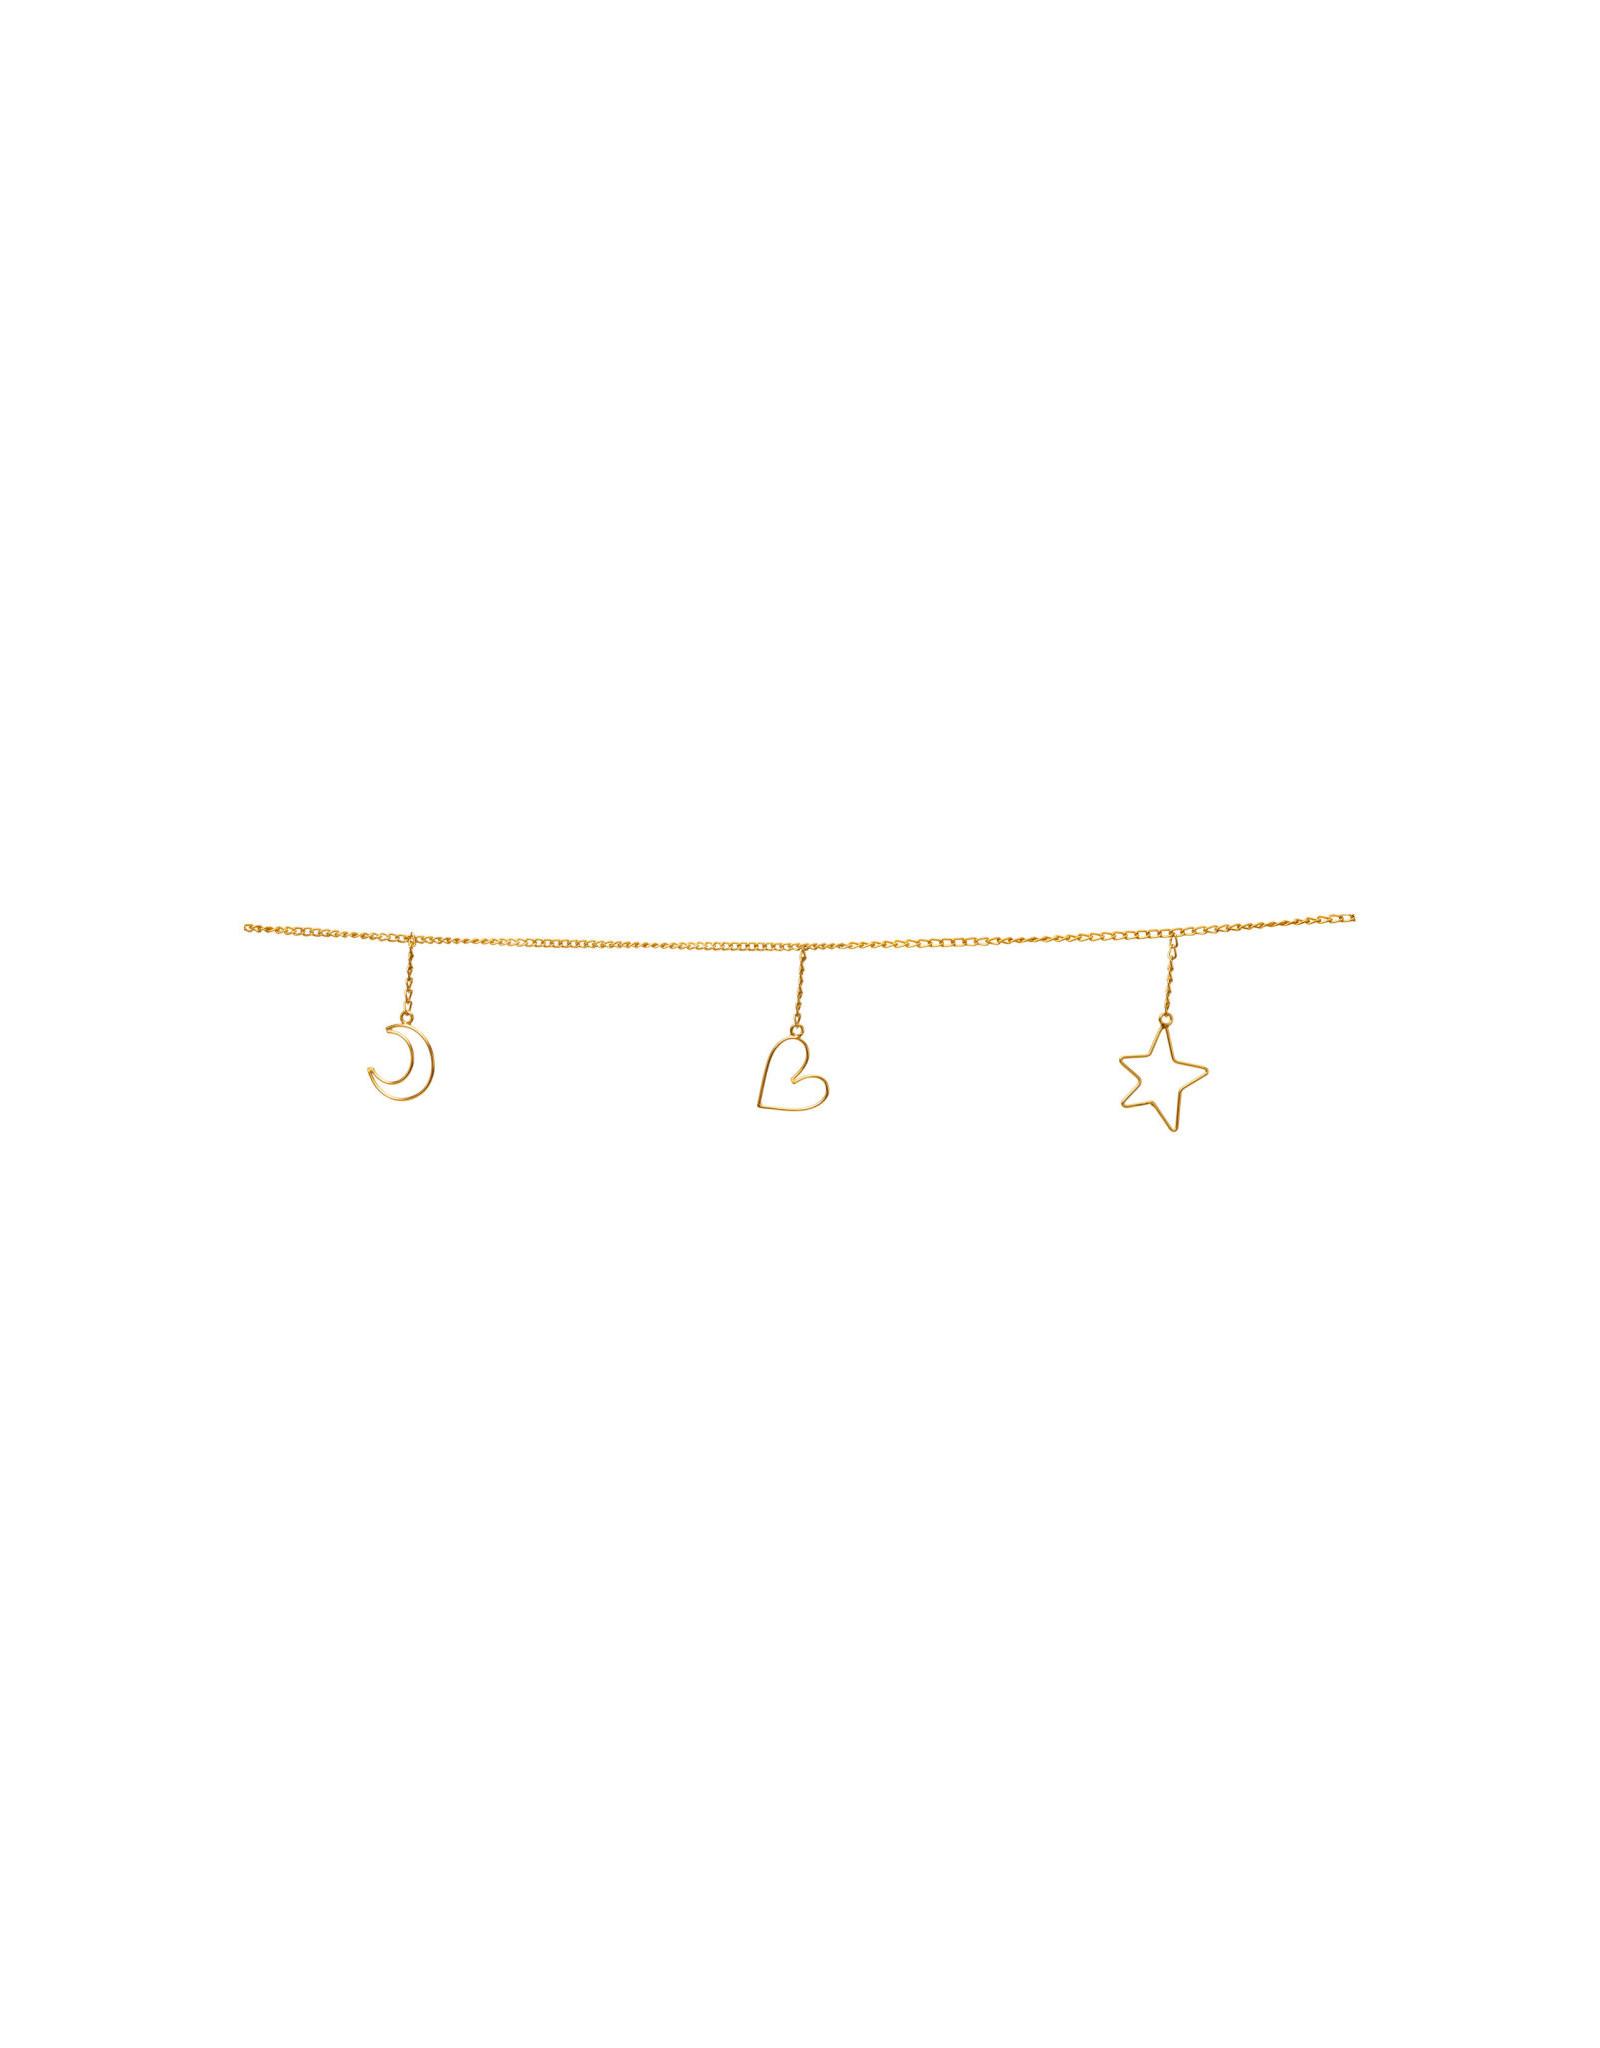 vt-wonen VT-WONEN. Garland Ornaments Metal Gold 250cm